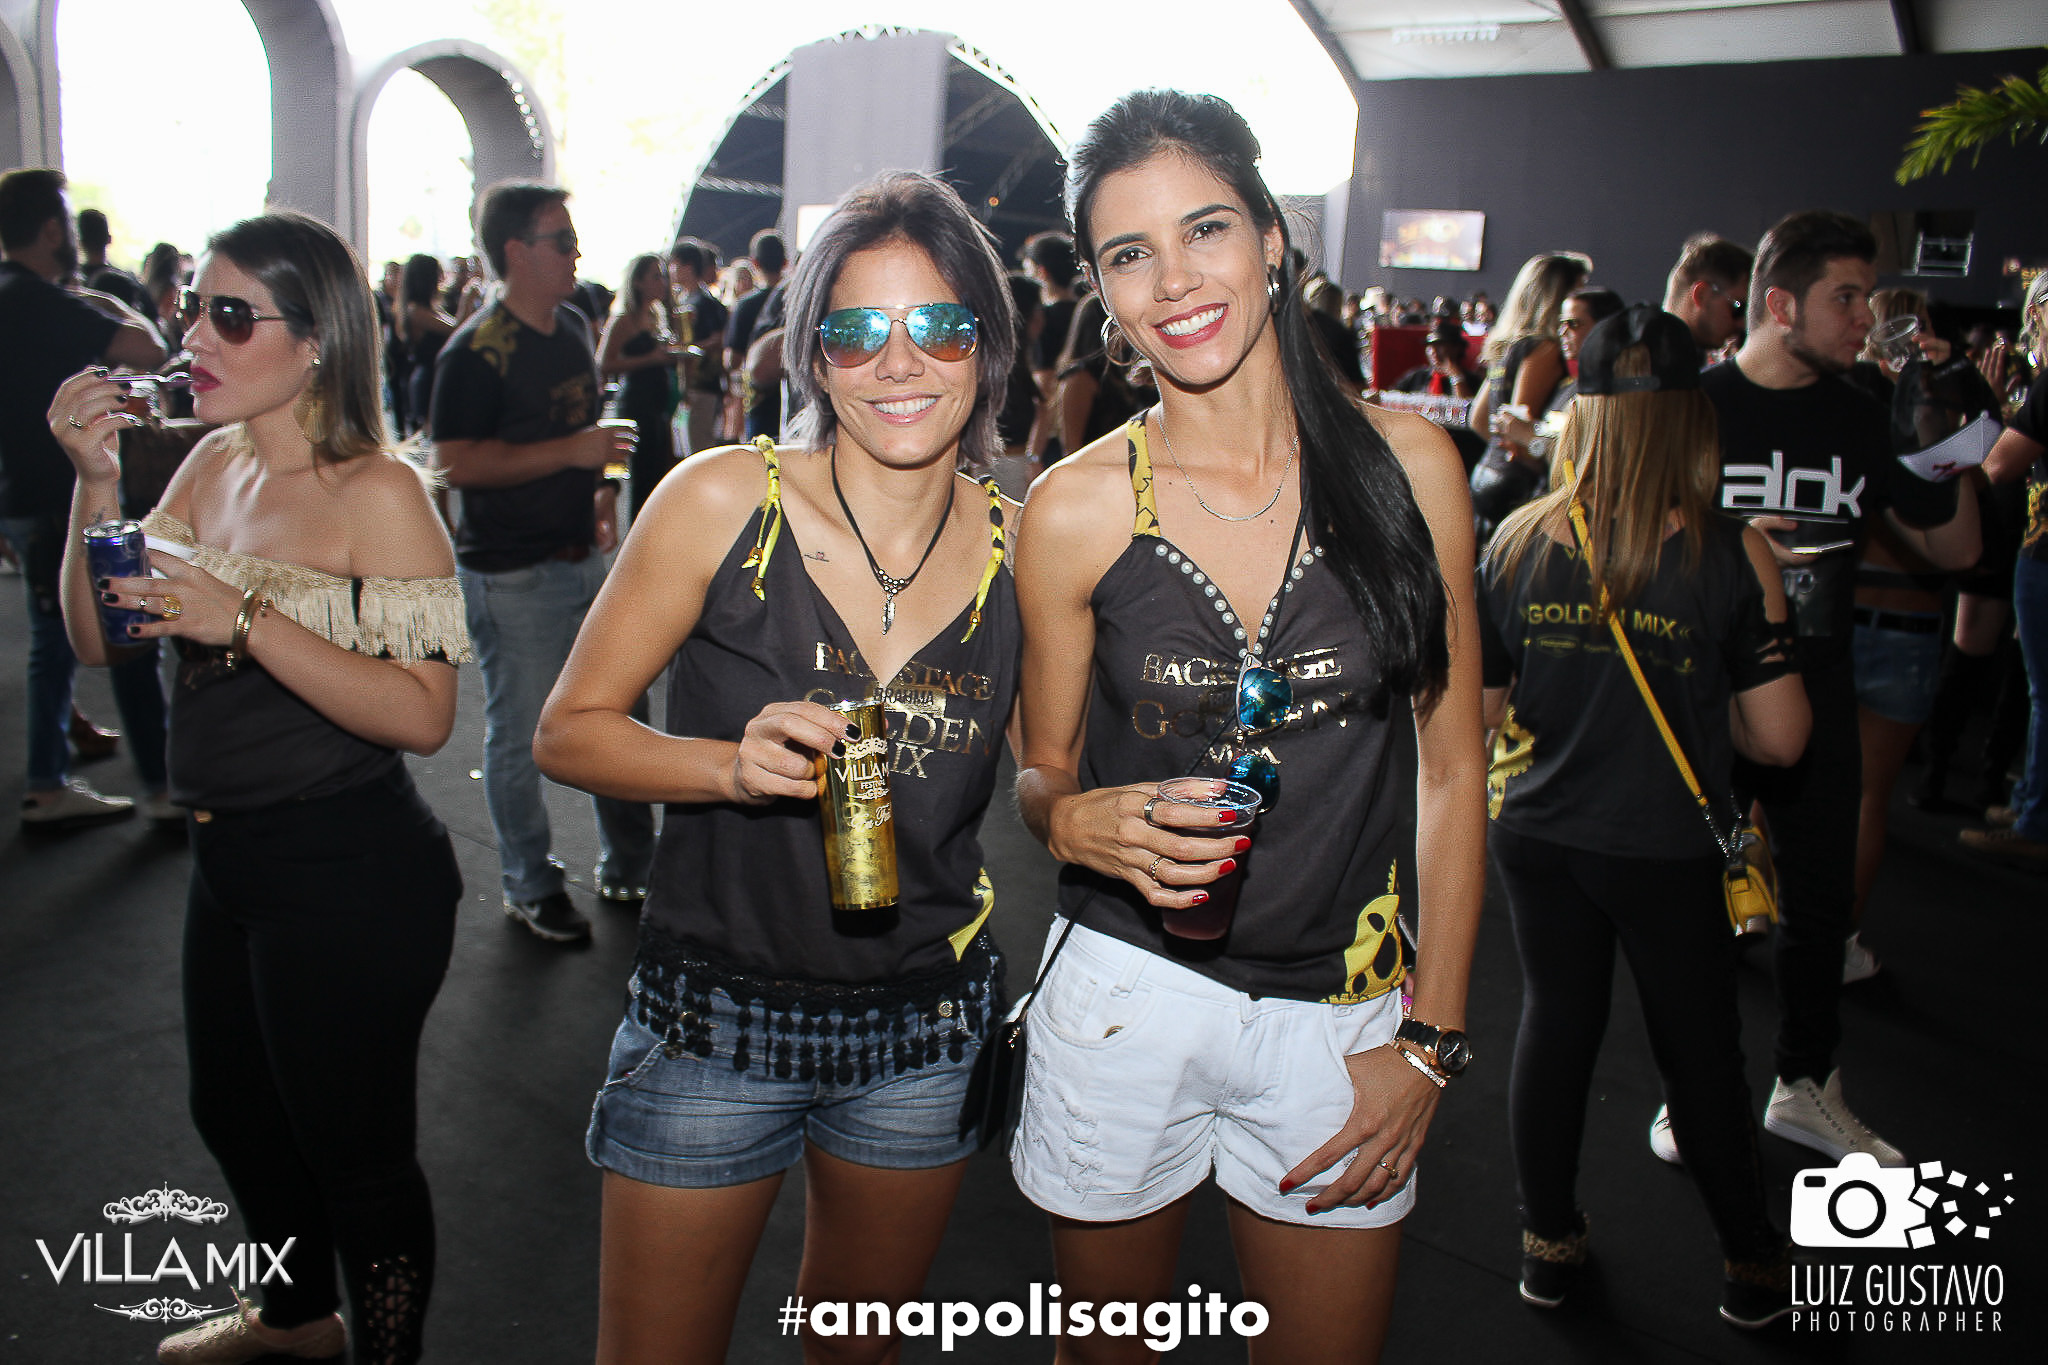 Luiz Gustavo Photographer (31 de 327)